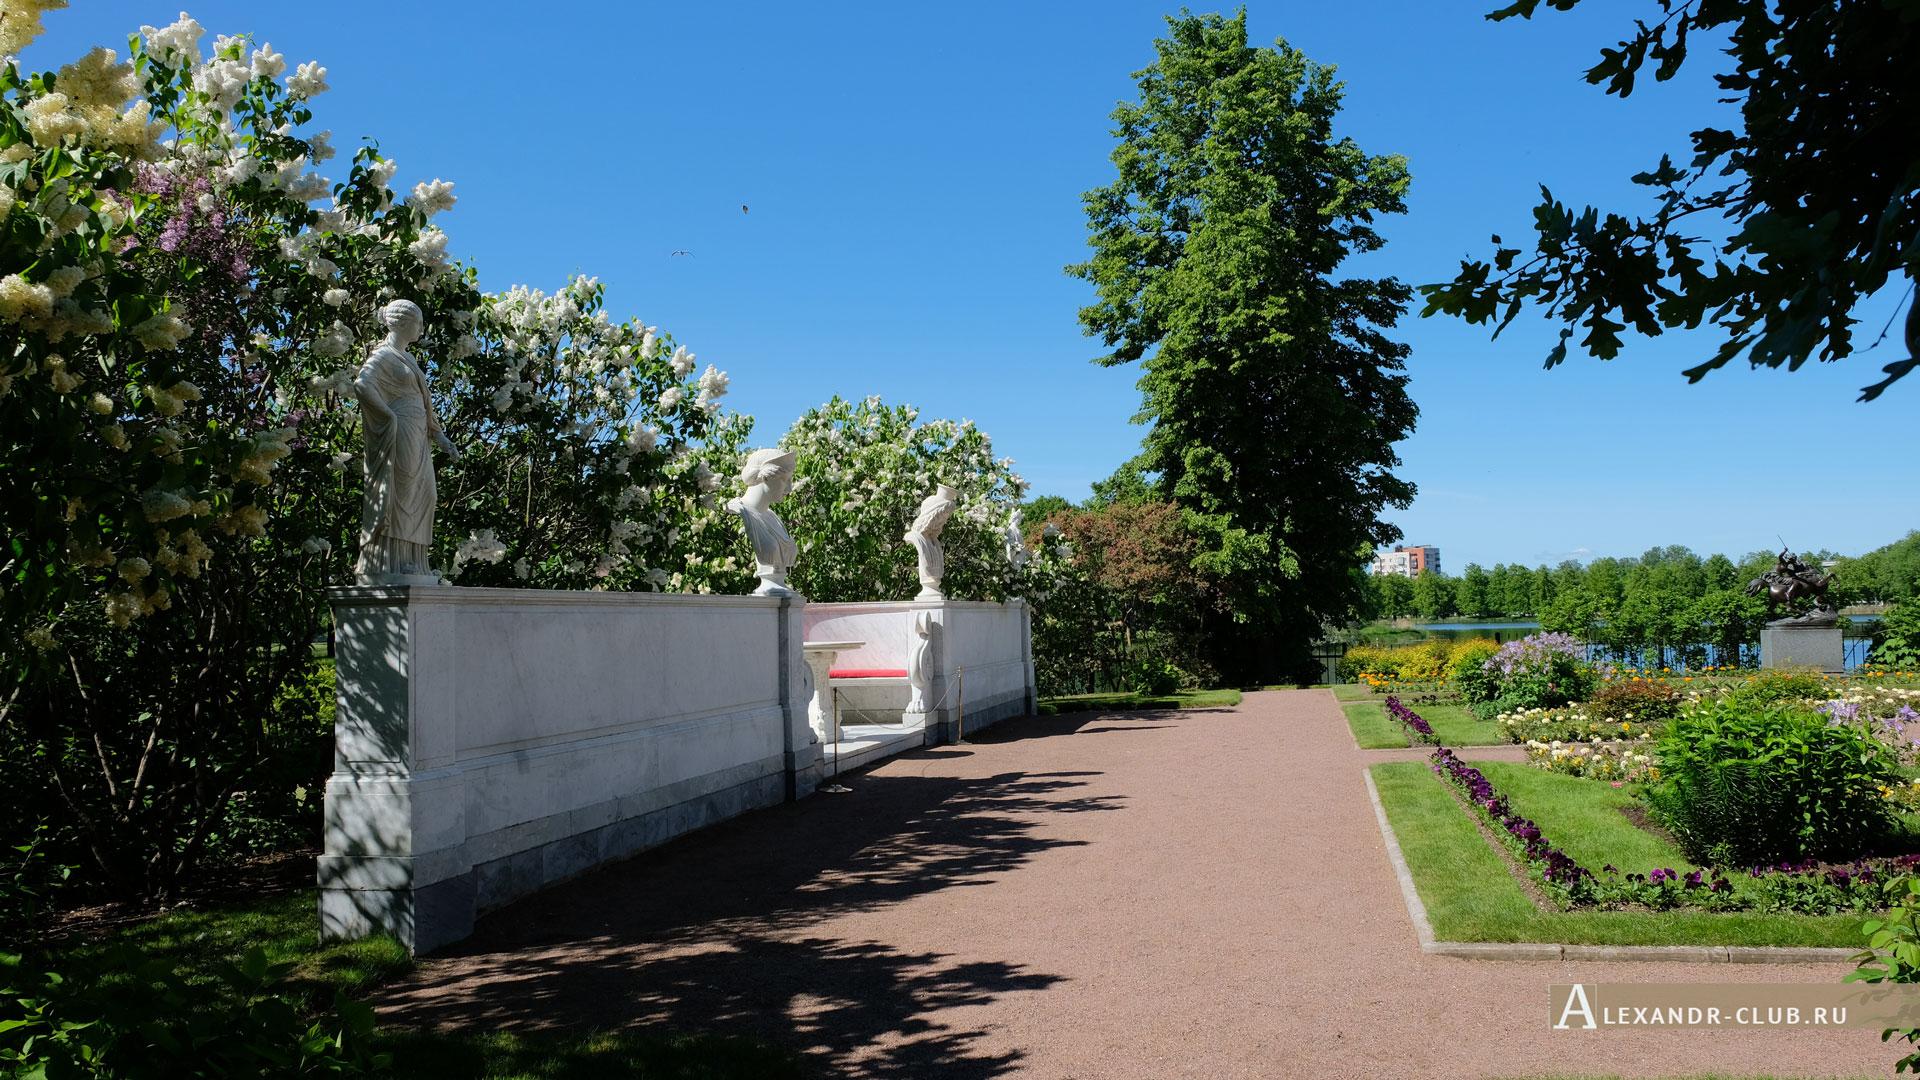 Петергоф, Колонистский парк, лето, Царицын павильон, Мраморная скамья